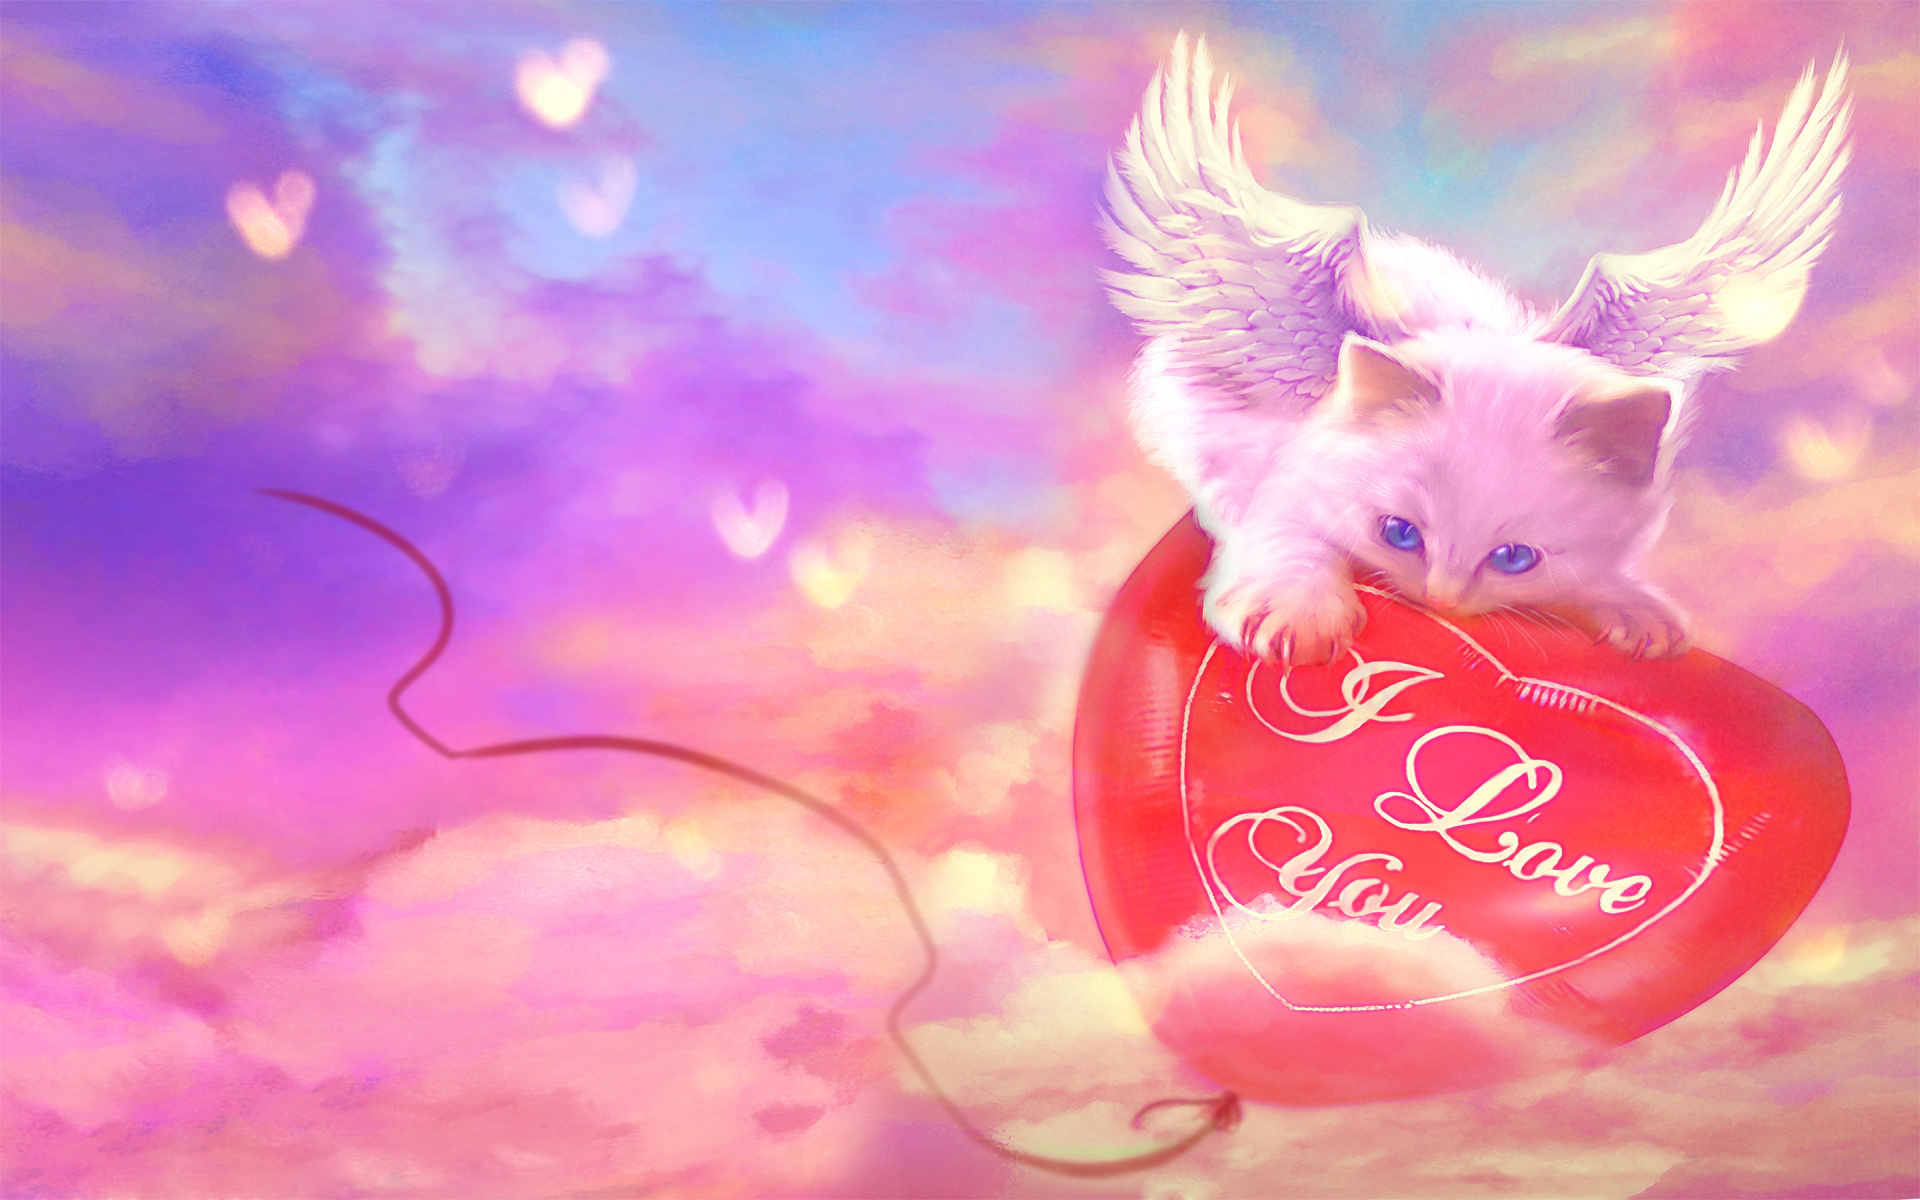 Красивые картинки сердечки с надписями про любовь, днем сердца анимация